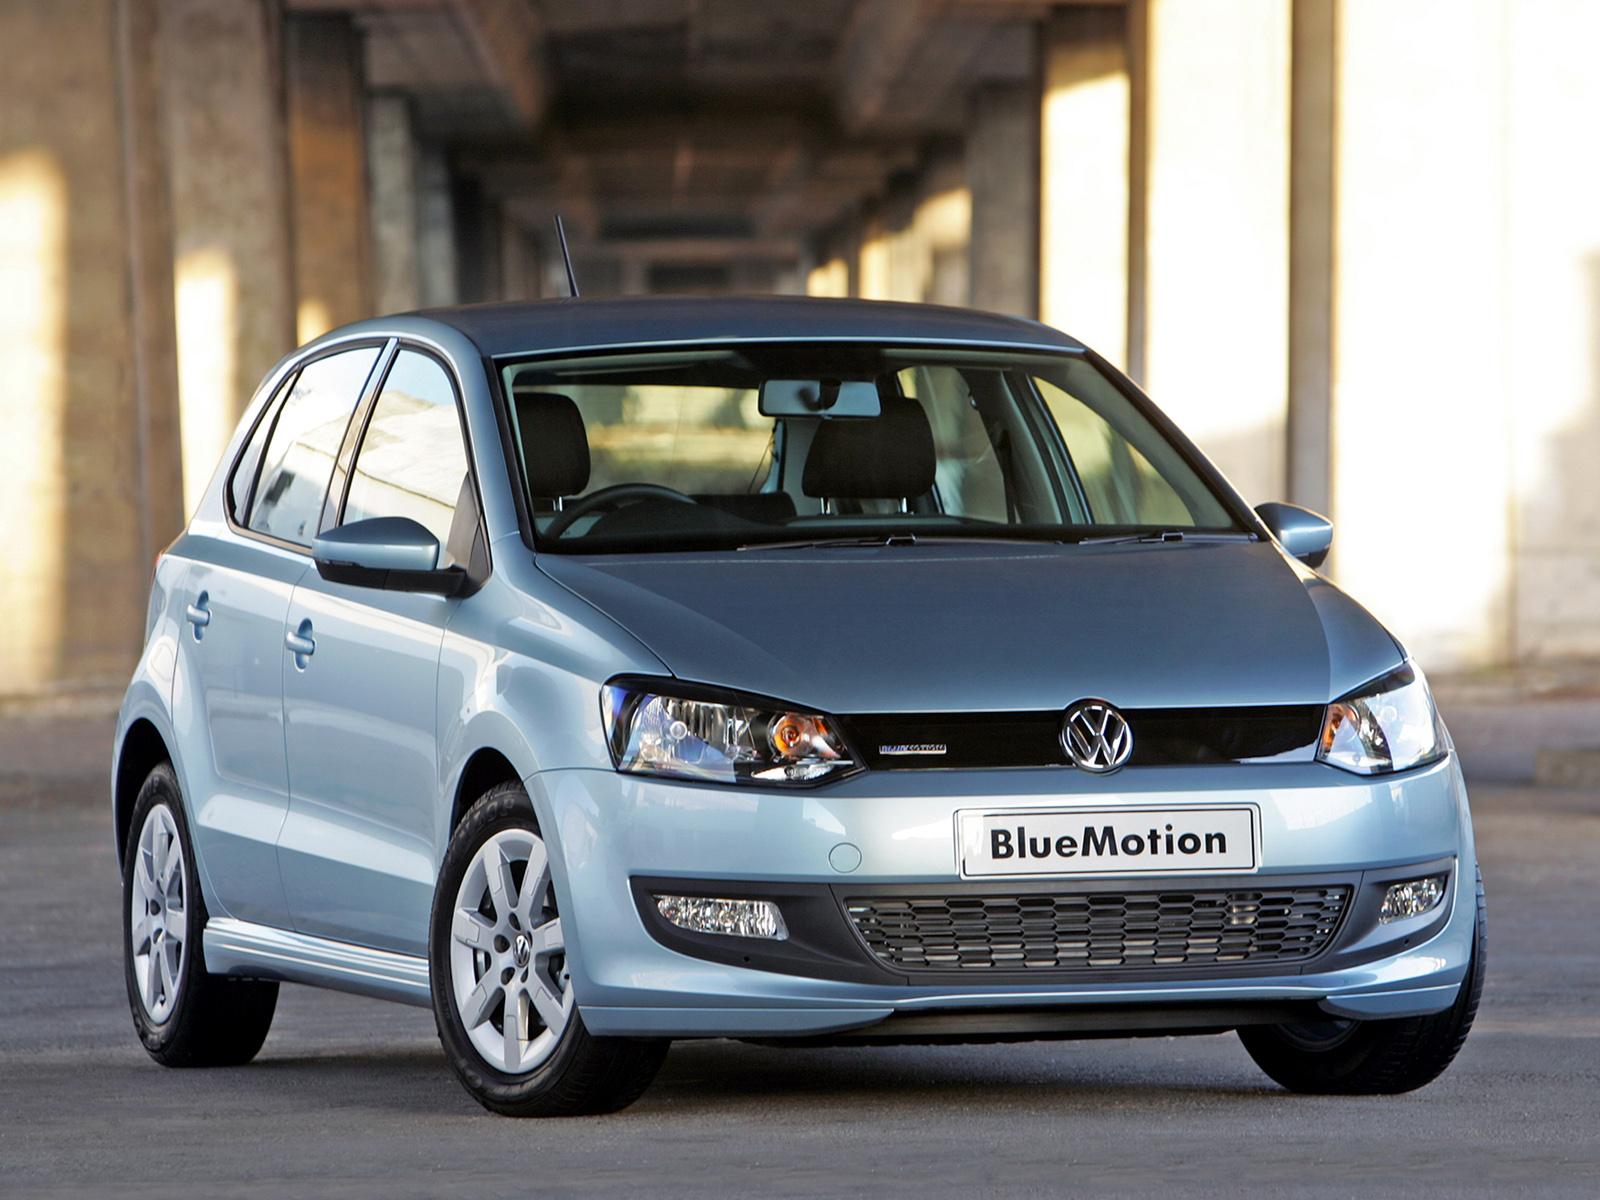 Volkswagen Polo BlueMotion - Autovisie.nl